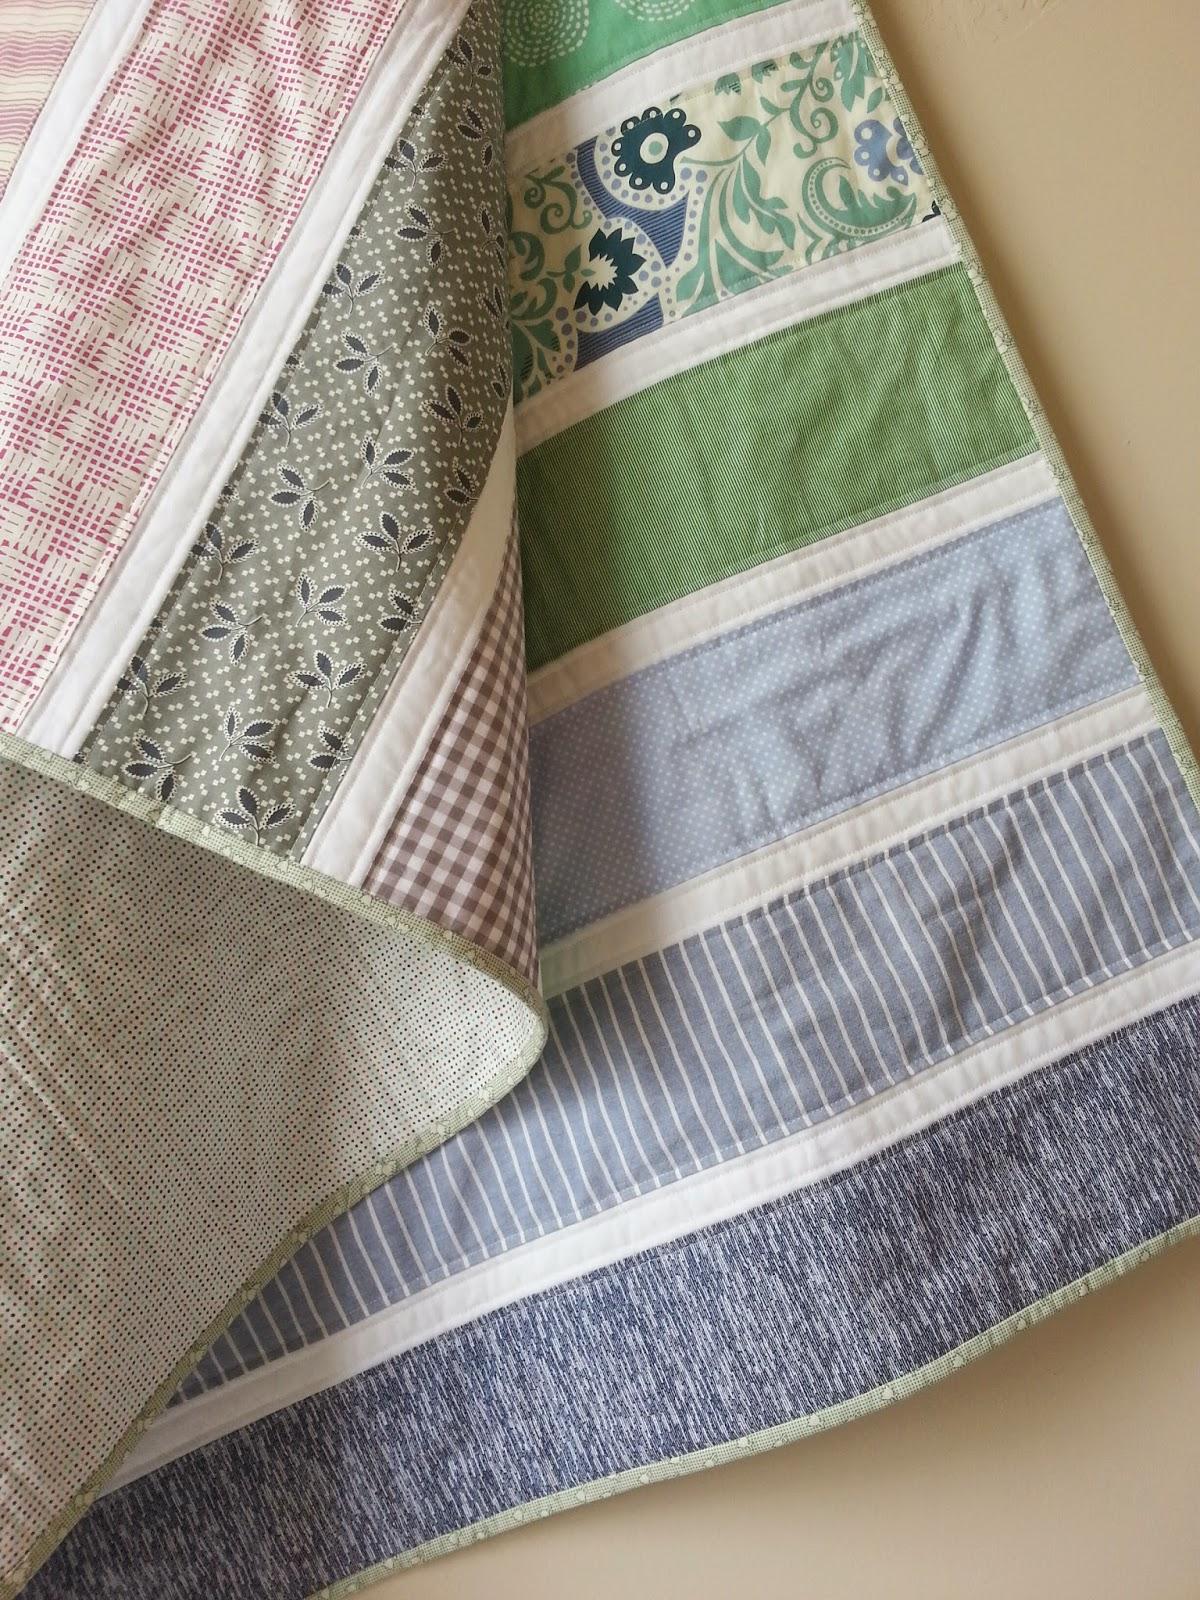 Hanging Big Stripes Quilt